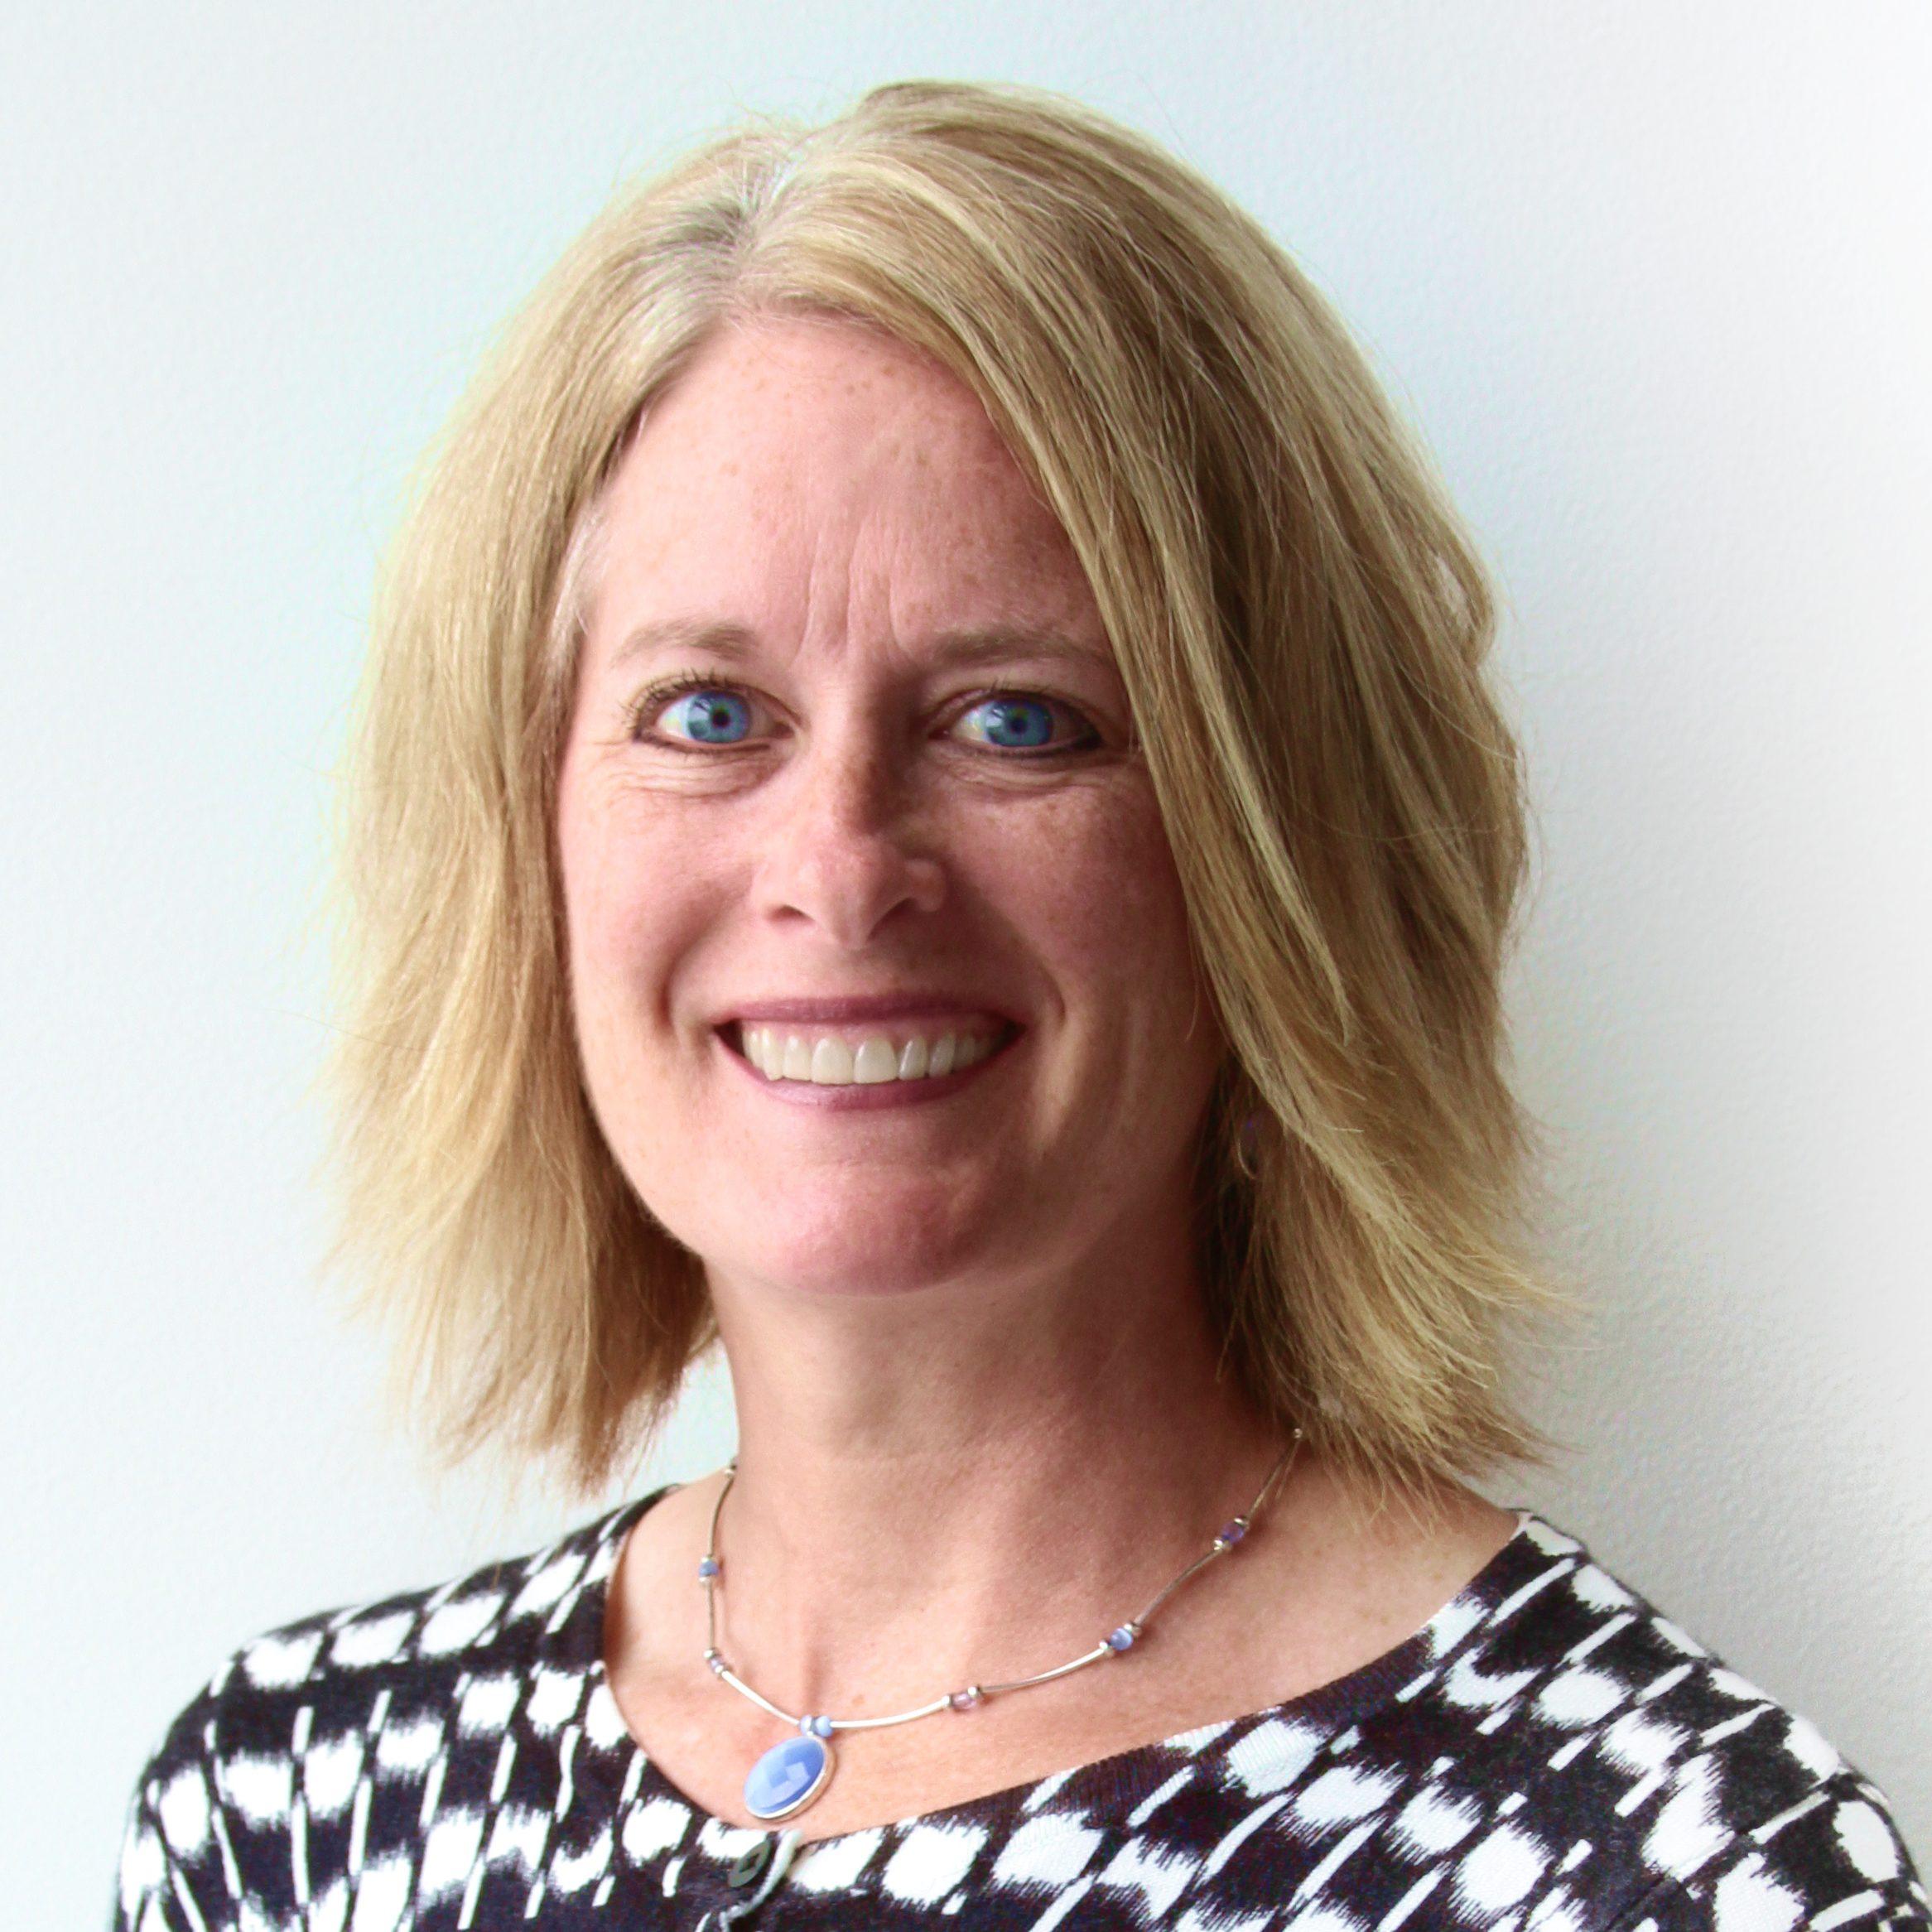 Staff Spotlight: Brenda Erger